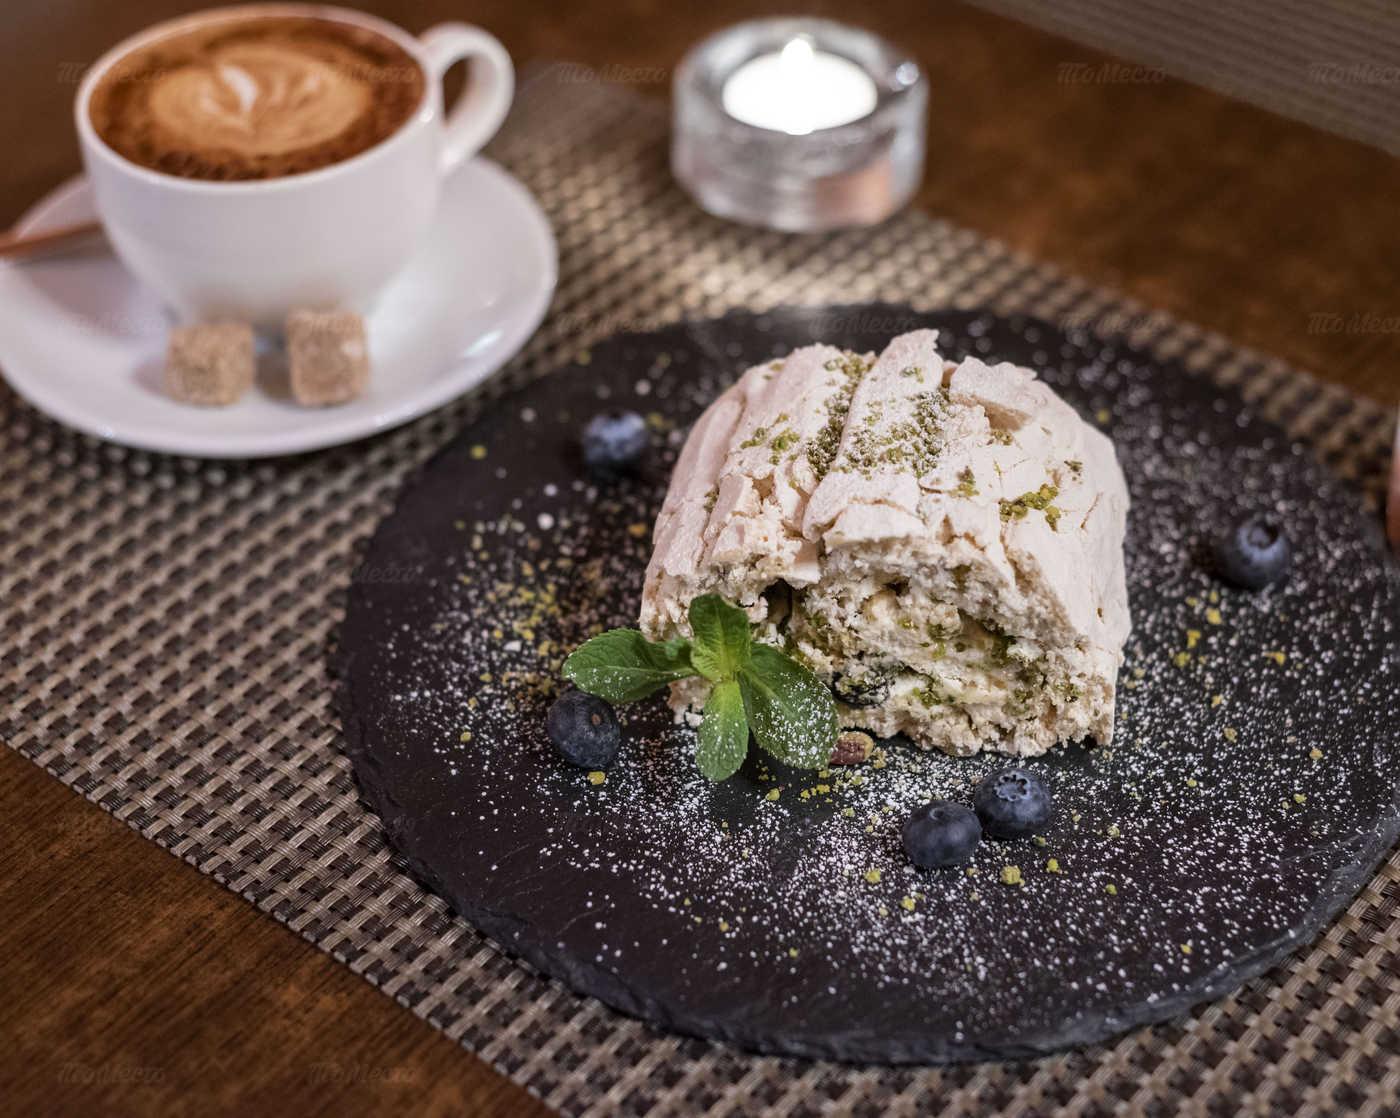 Меню кафе Монтероссо (Monterosso) на Таганской площади фото 3